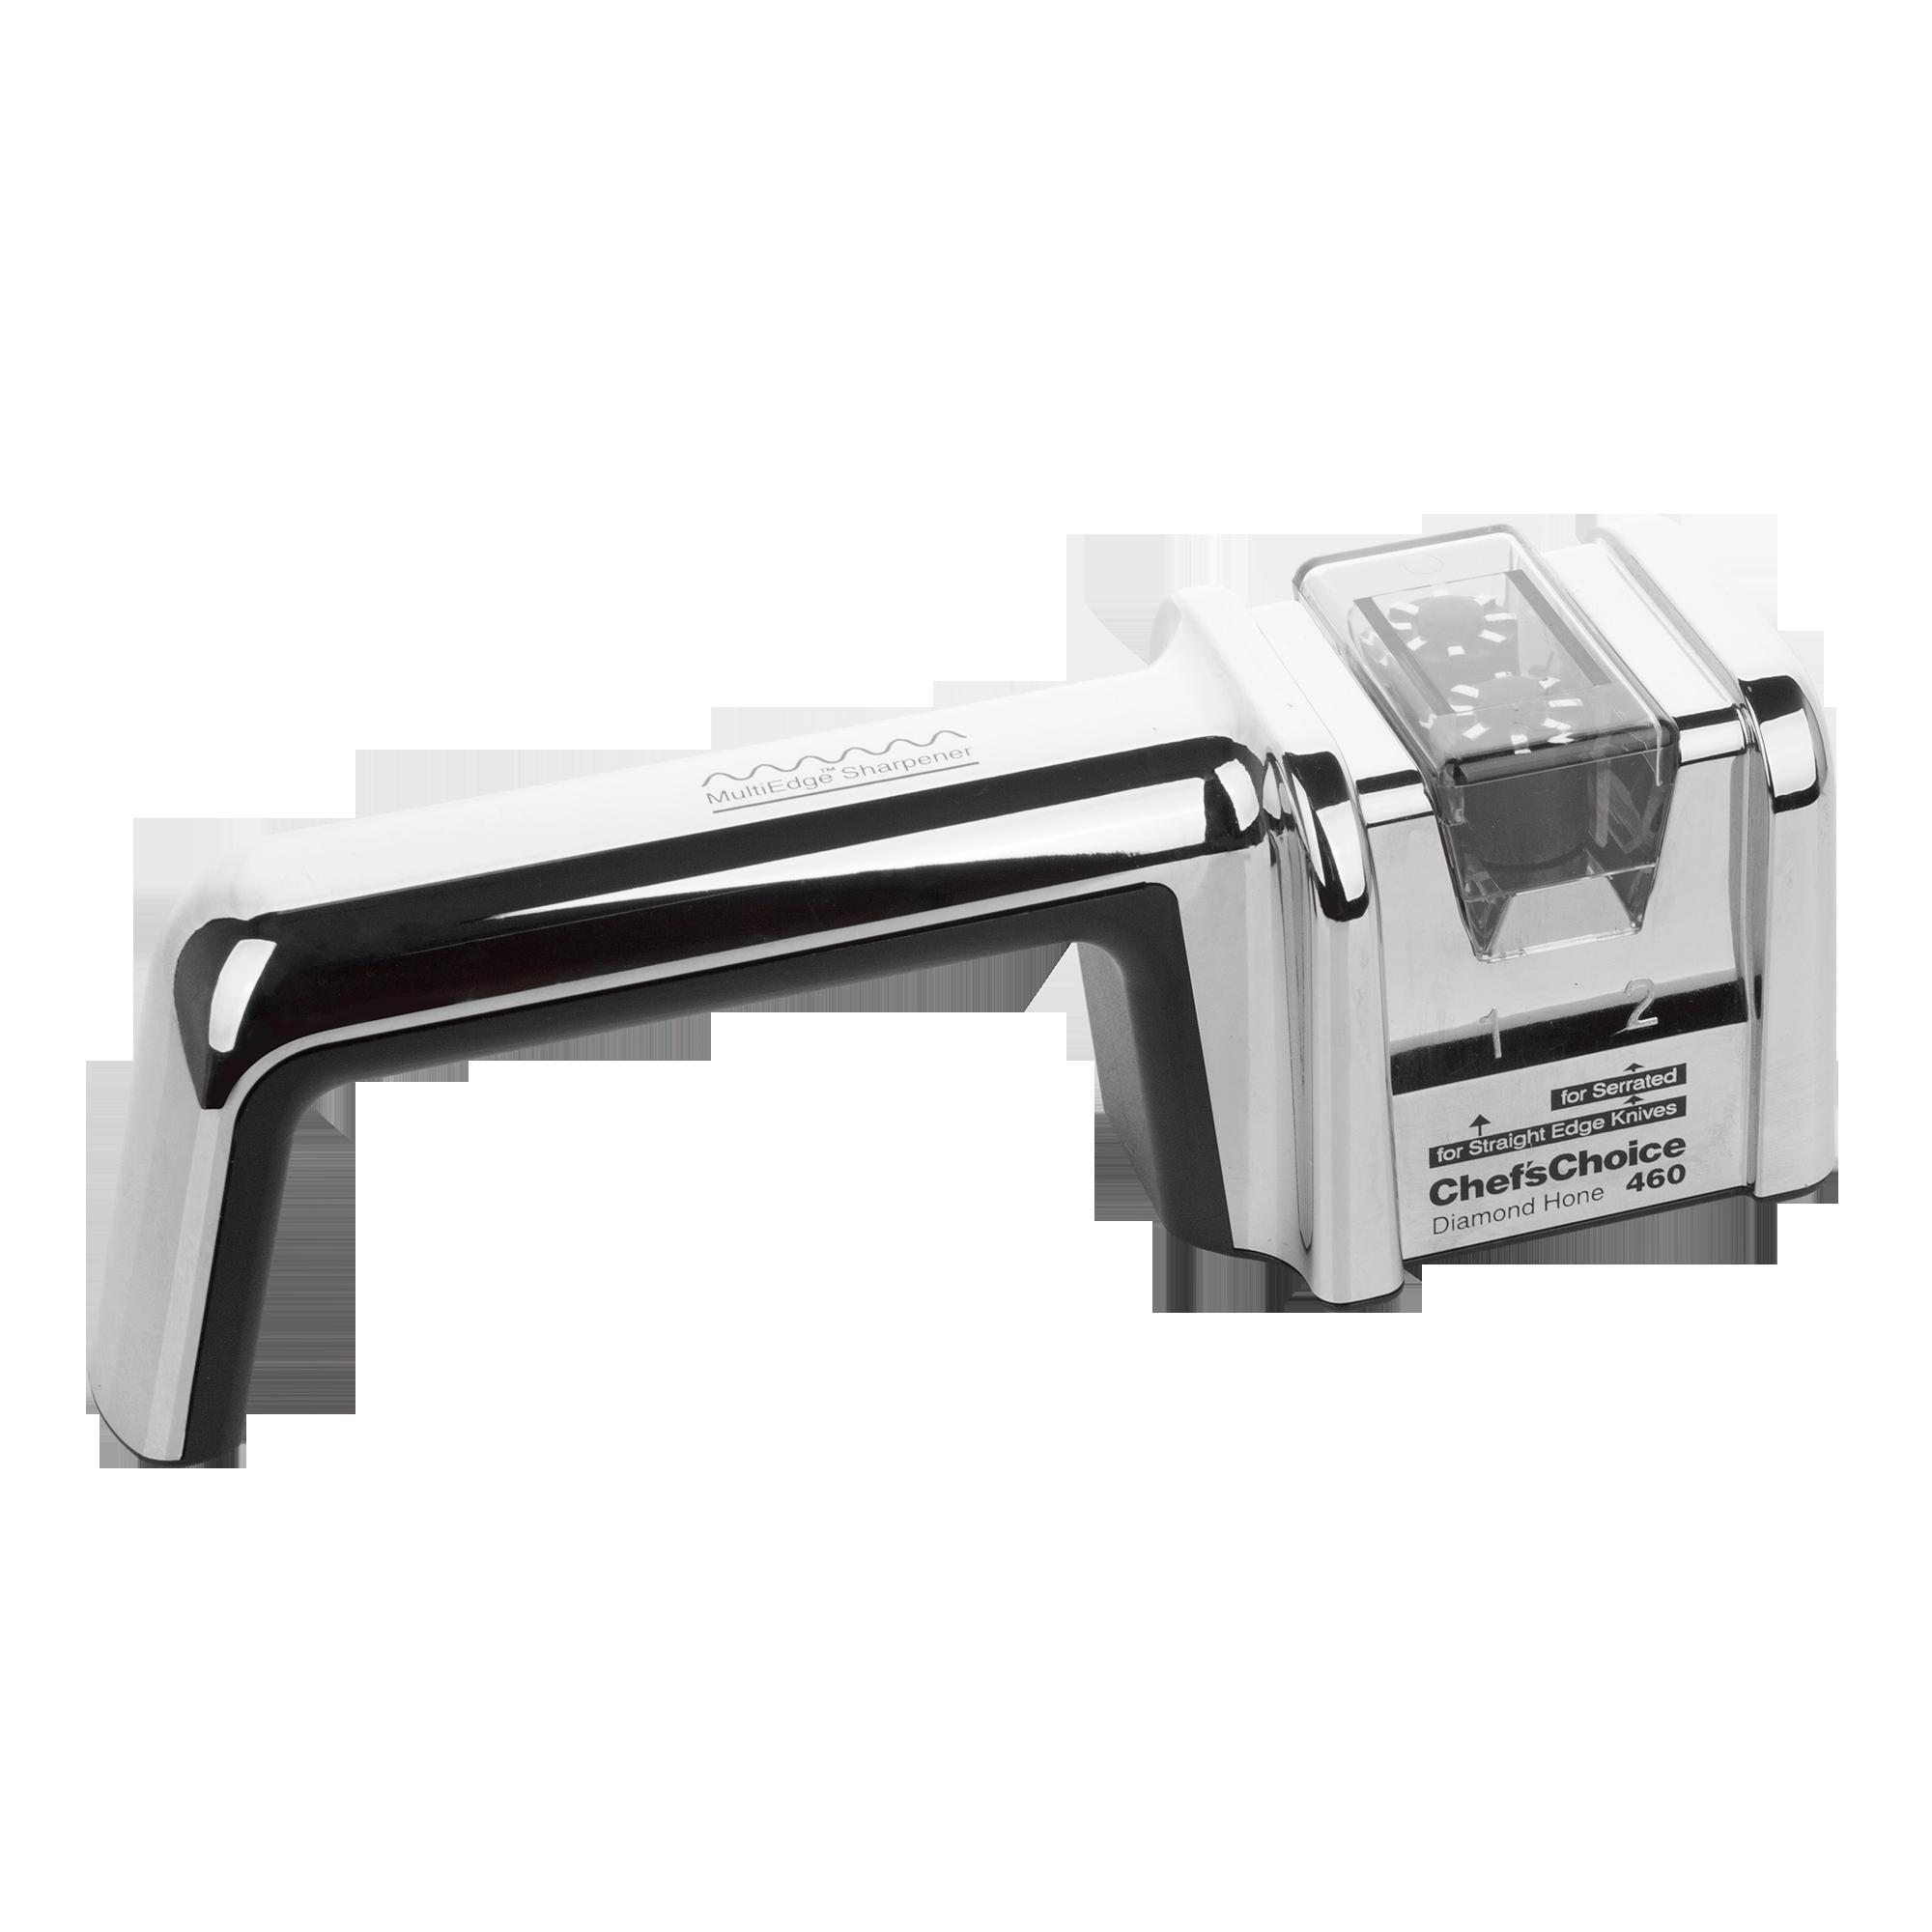 Механическая точилка заточки Chef'sChoice CC460RH